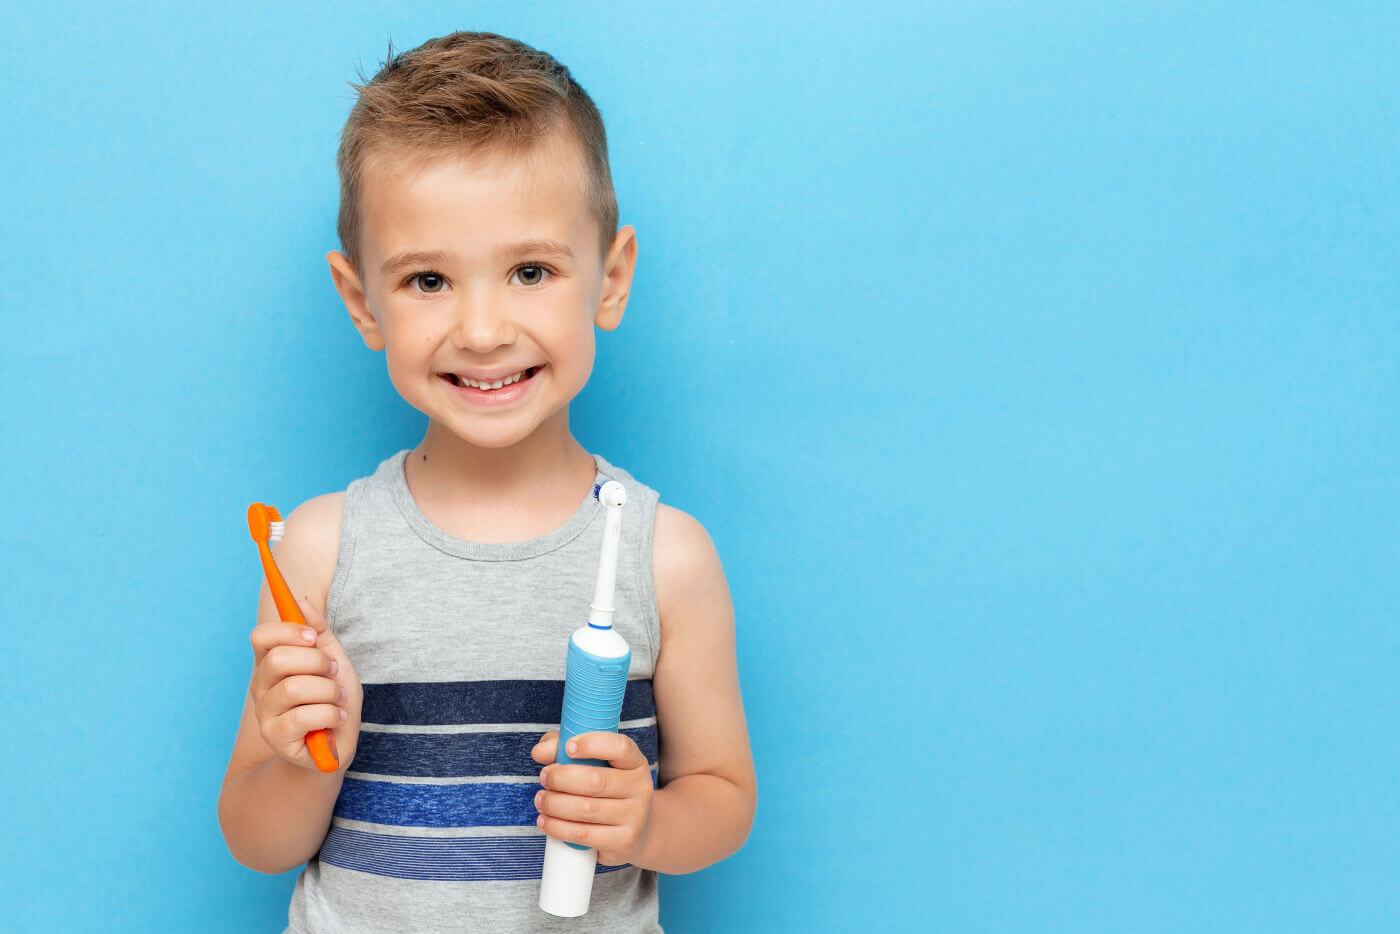 Elektrische Kinderzahnbürste oder Handzahnbürste